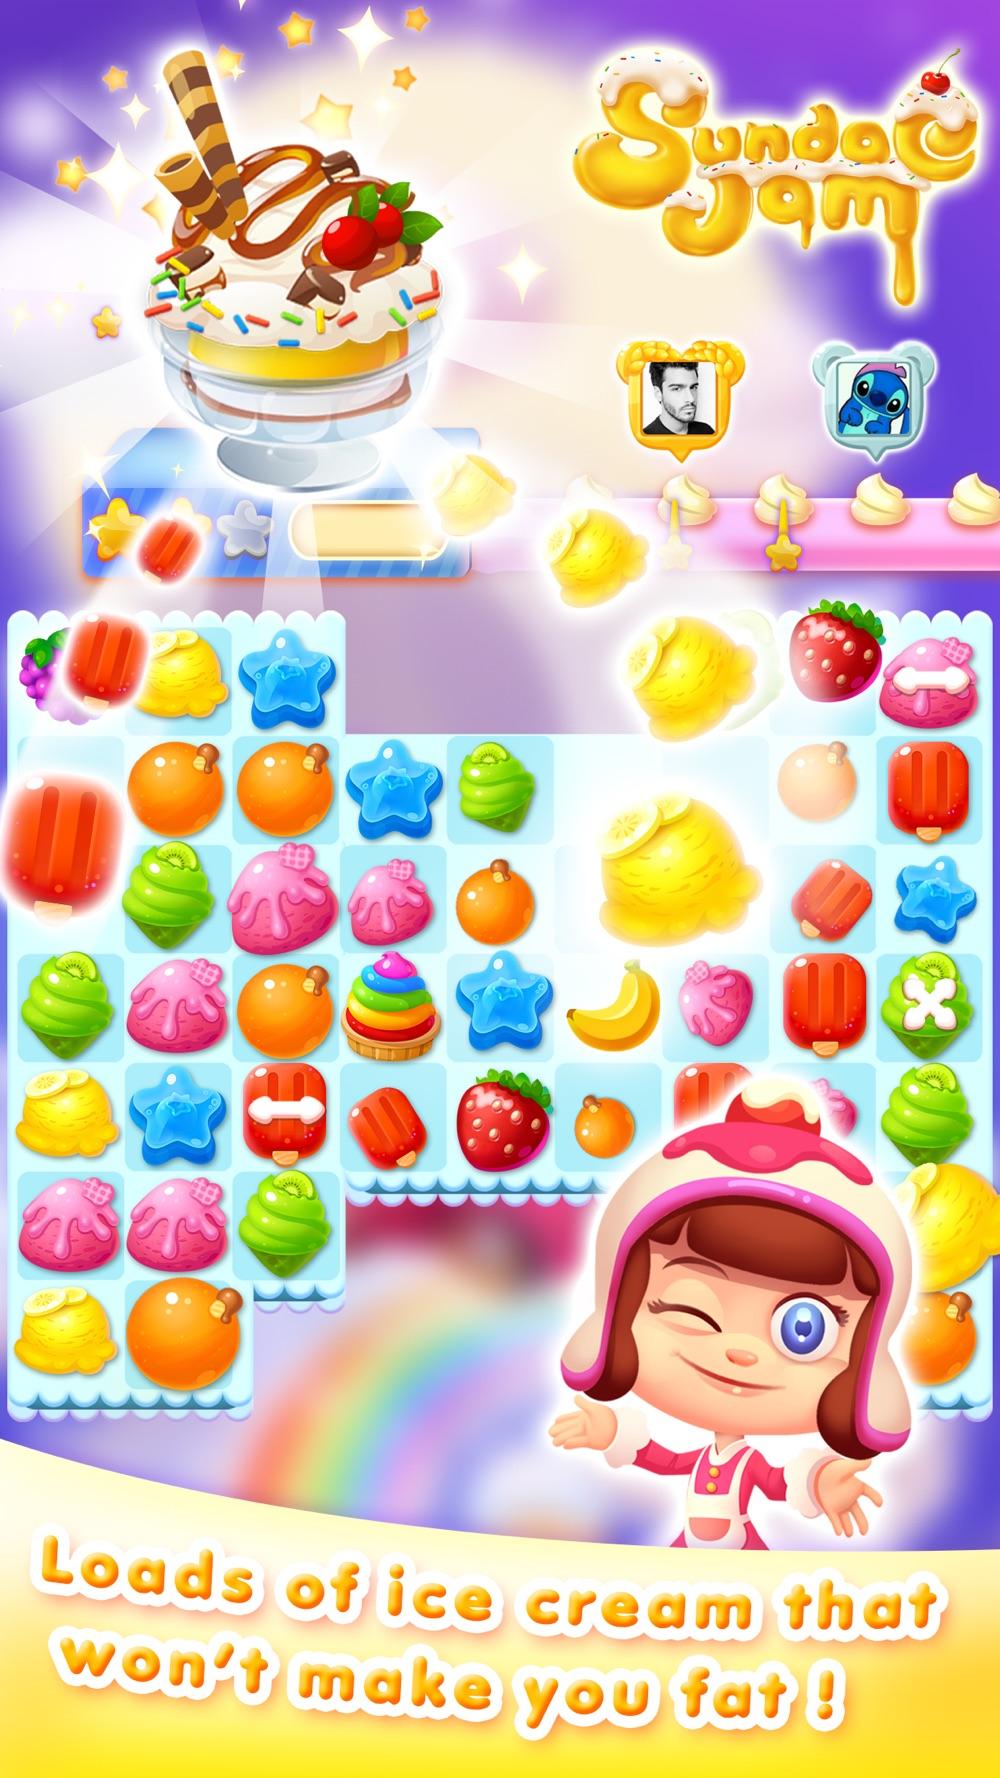 Icecream Sundae Jam - FREE Match 3 Puzzle & Arcade Game hack tool